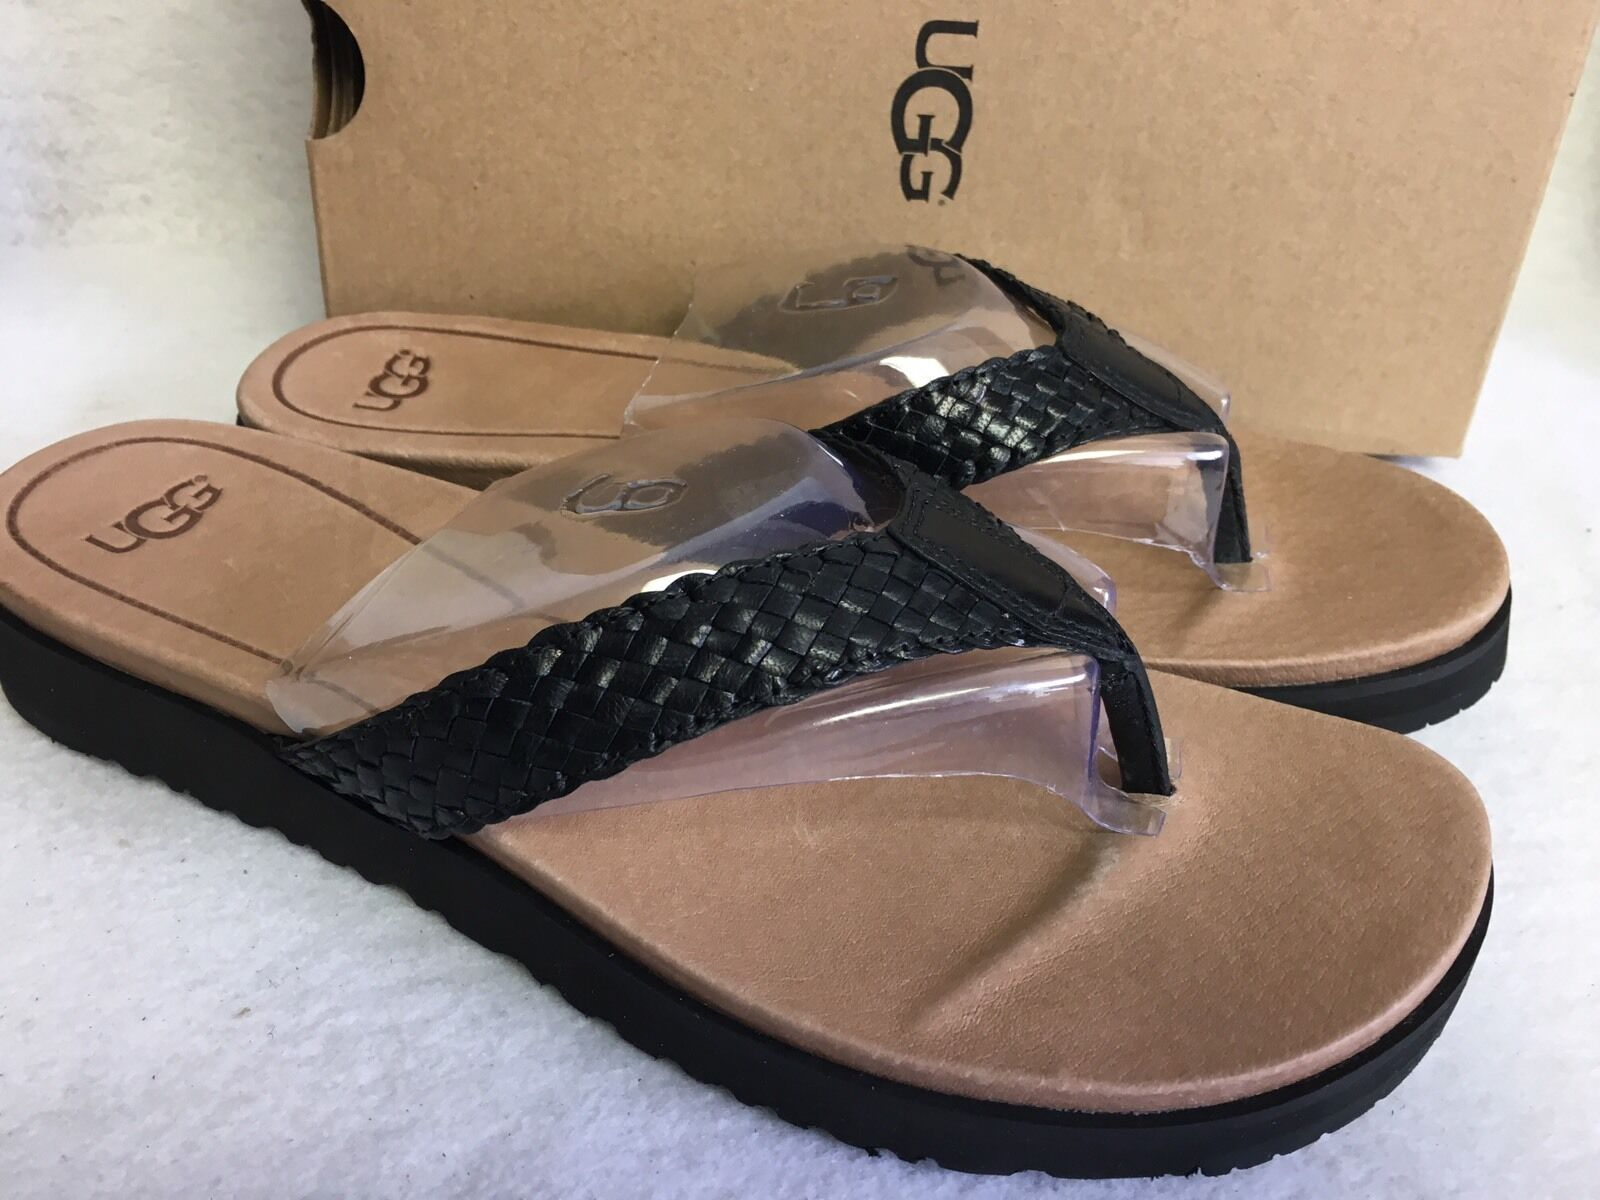 UGG Australia Sandales en cuir tressé Lorrie 1016176 Tongs noires et tongs pointures